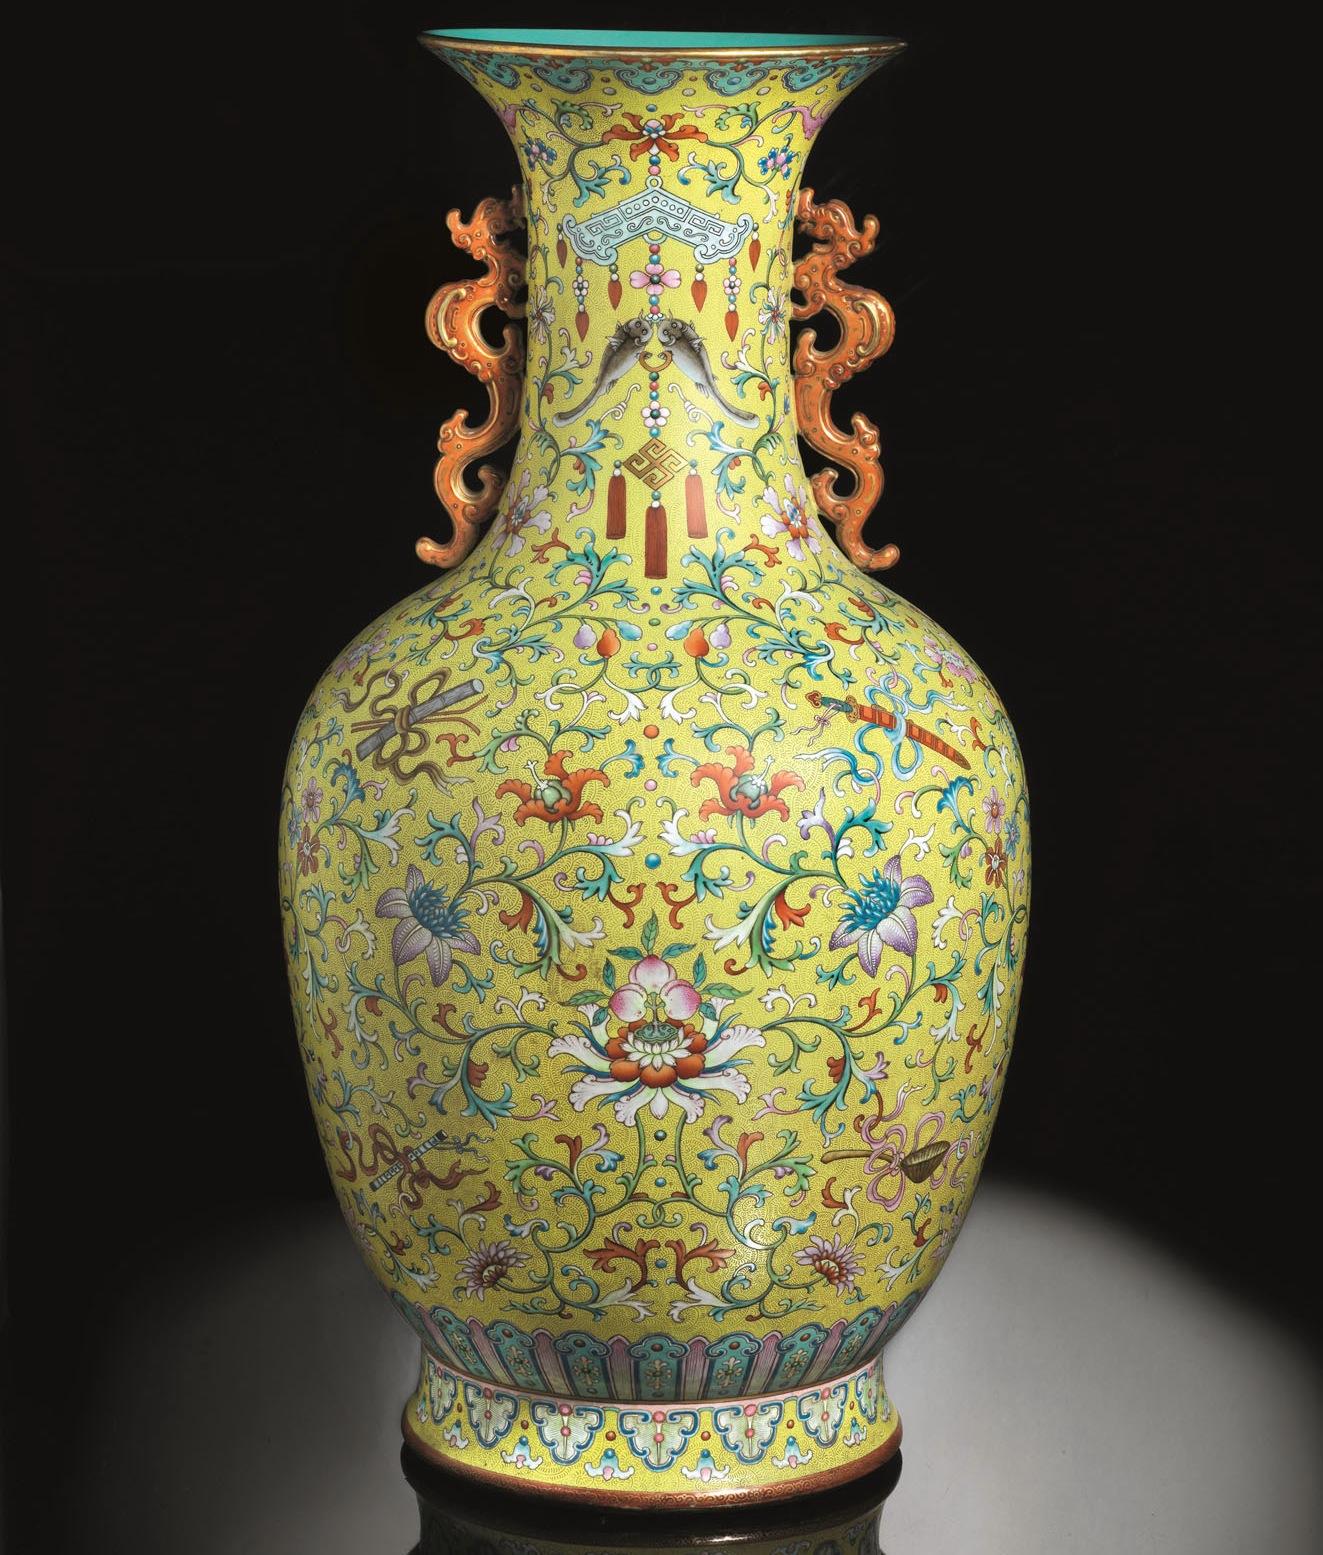 Vaso cinese della dinastia qing venduto all 39 asta for Vasi cinesi antichi antiquariato